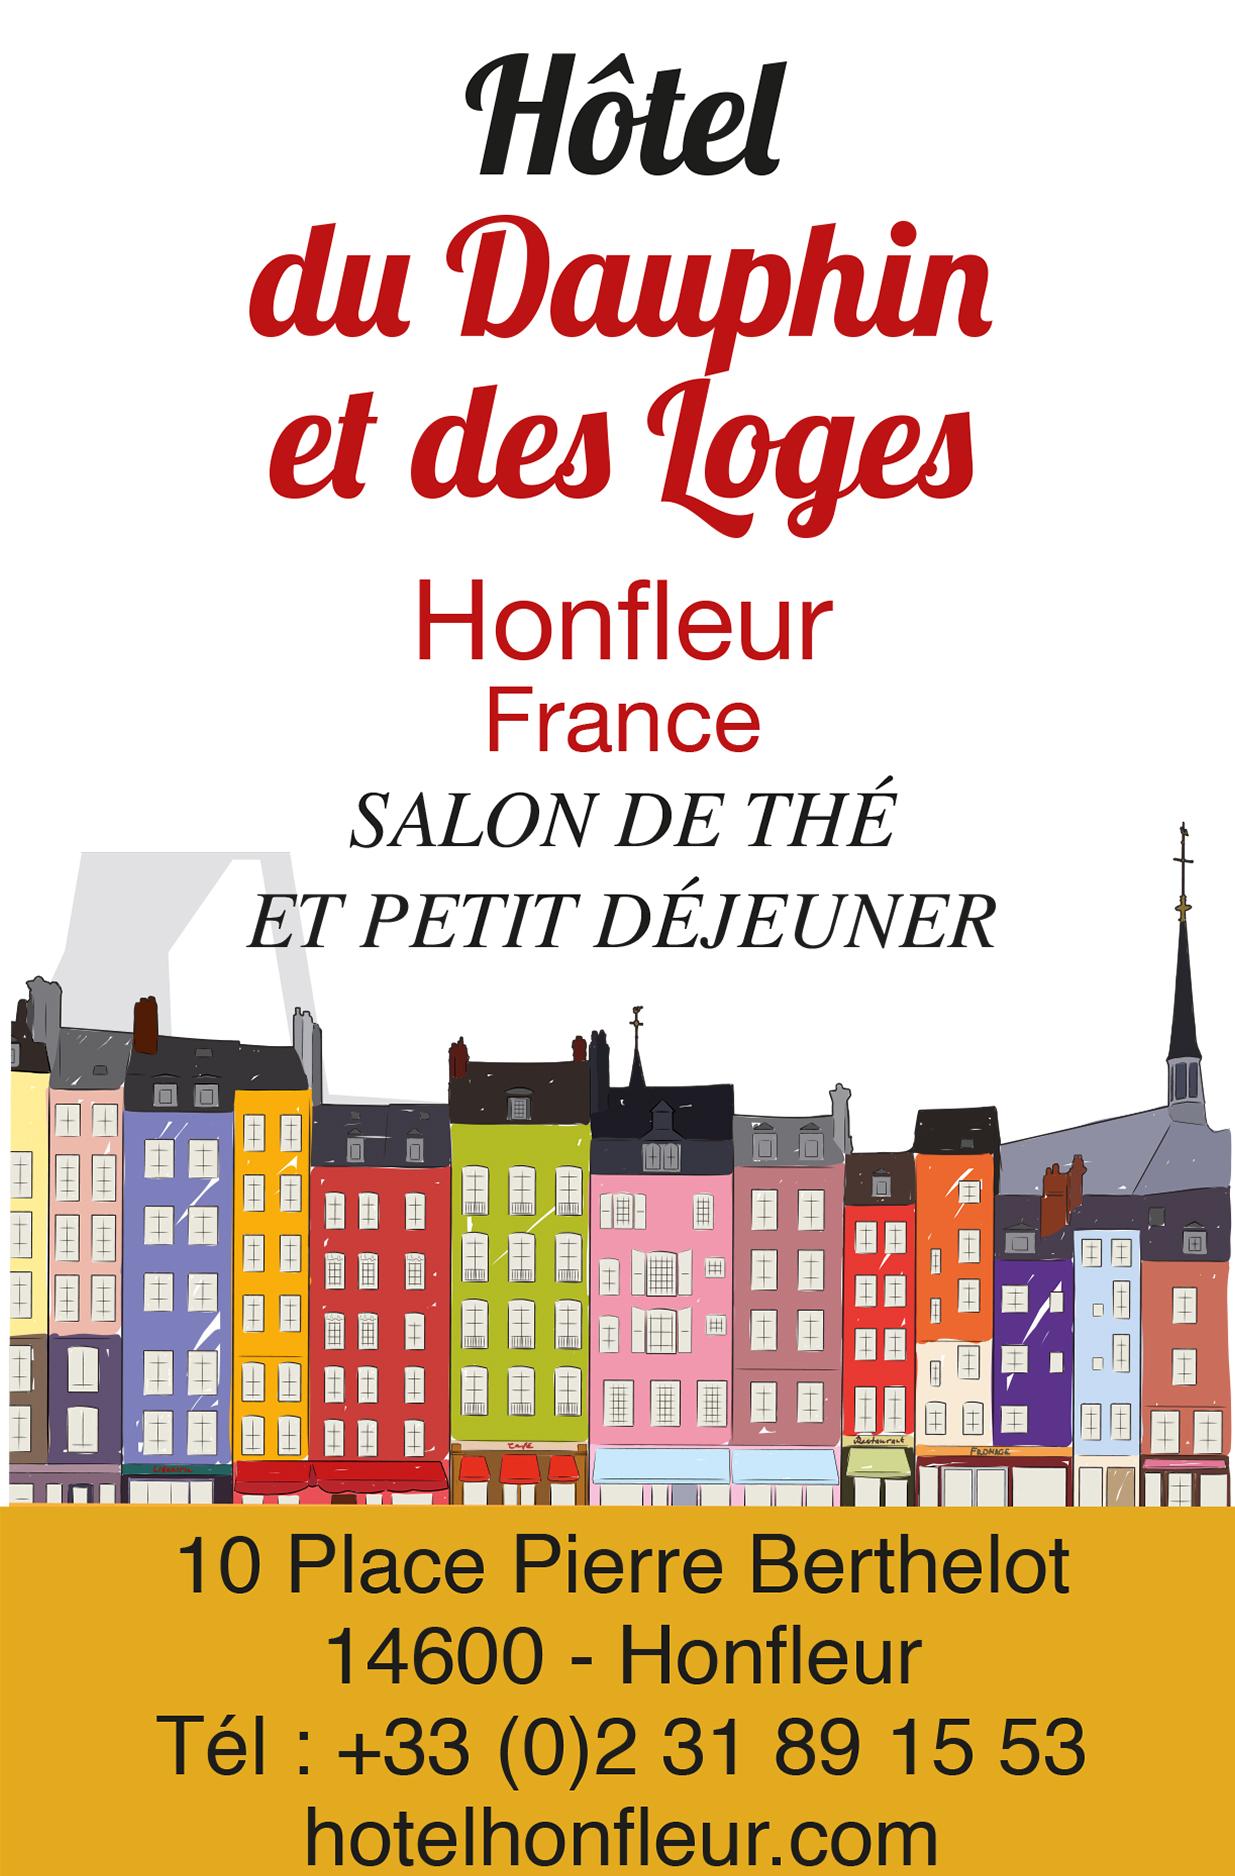 22_-_Hôtel_du_Dauphin_et_des_Loges